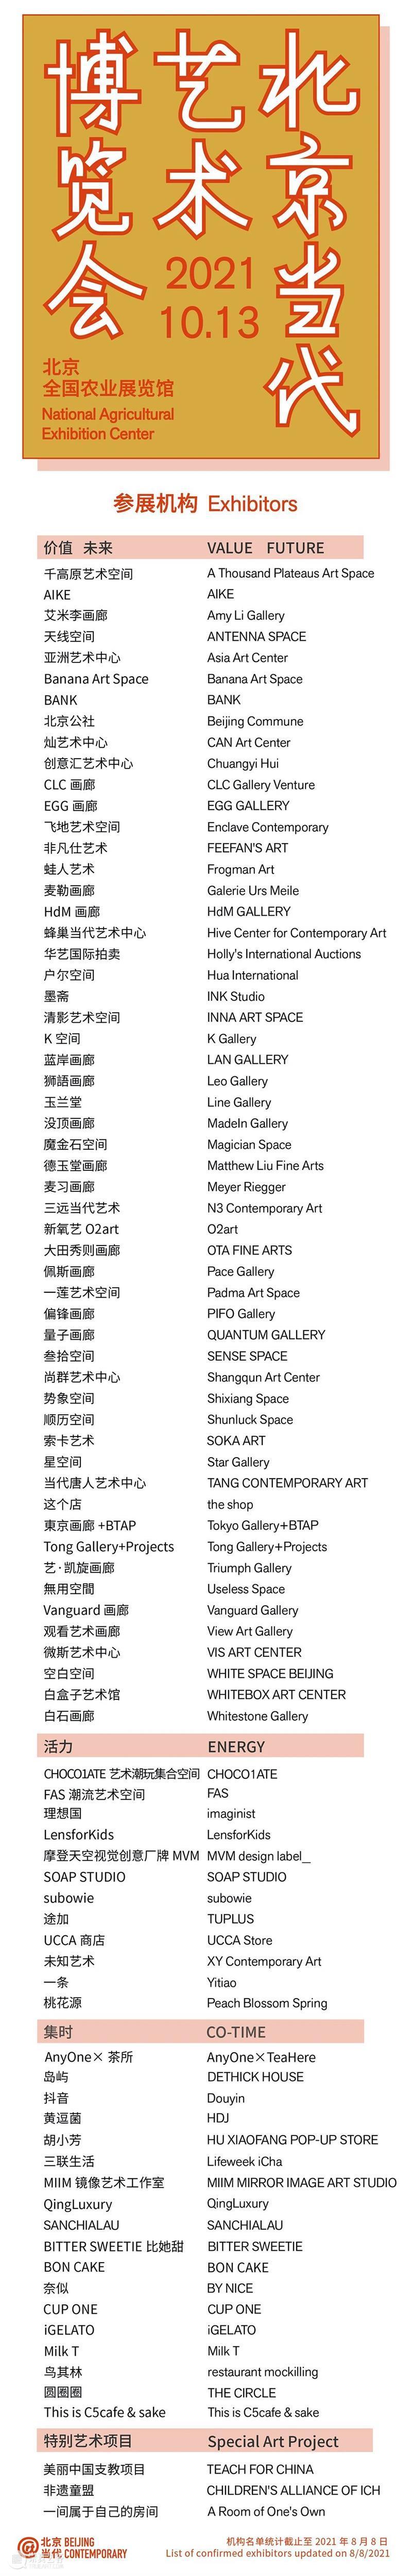 相约金秋!北京当代艺博会2021改期至10月13日开幕 崇真艺客